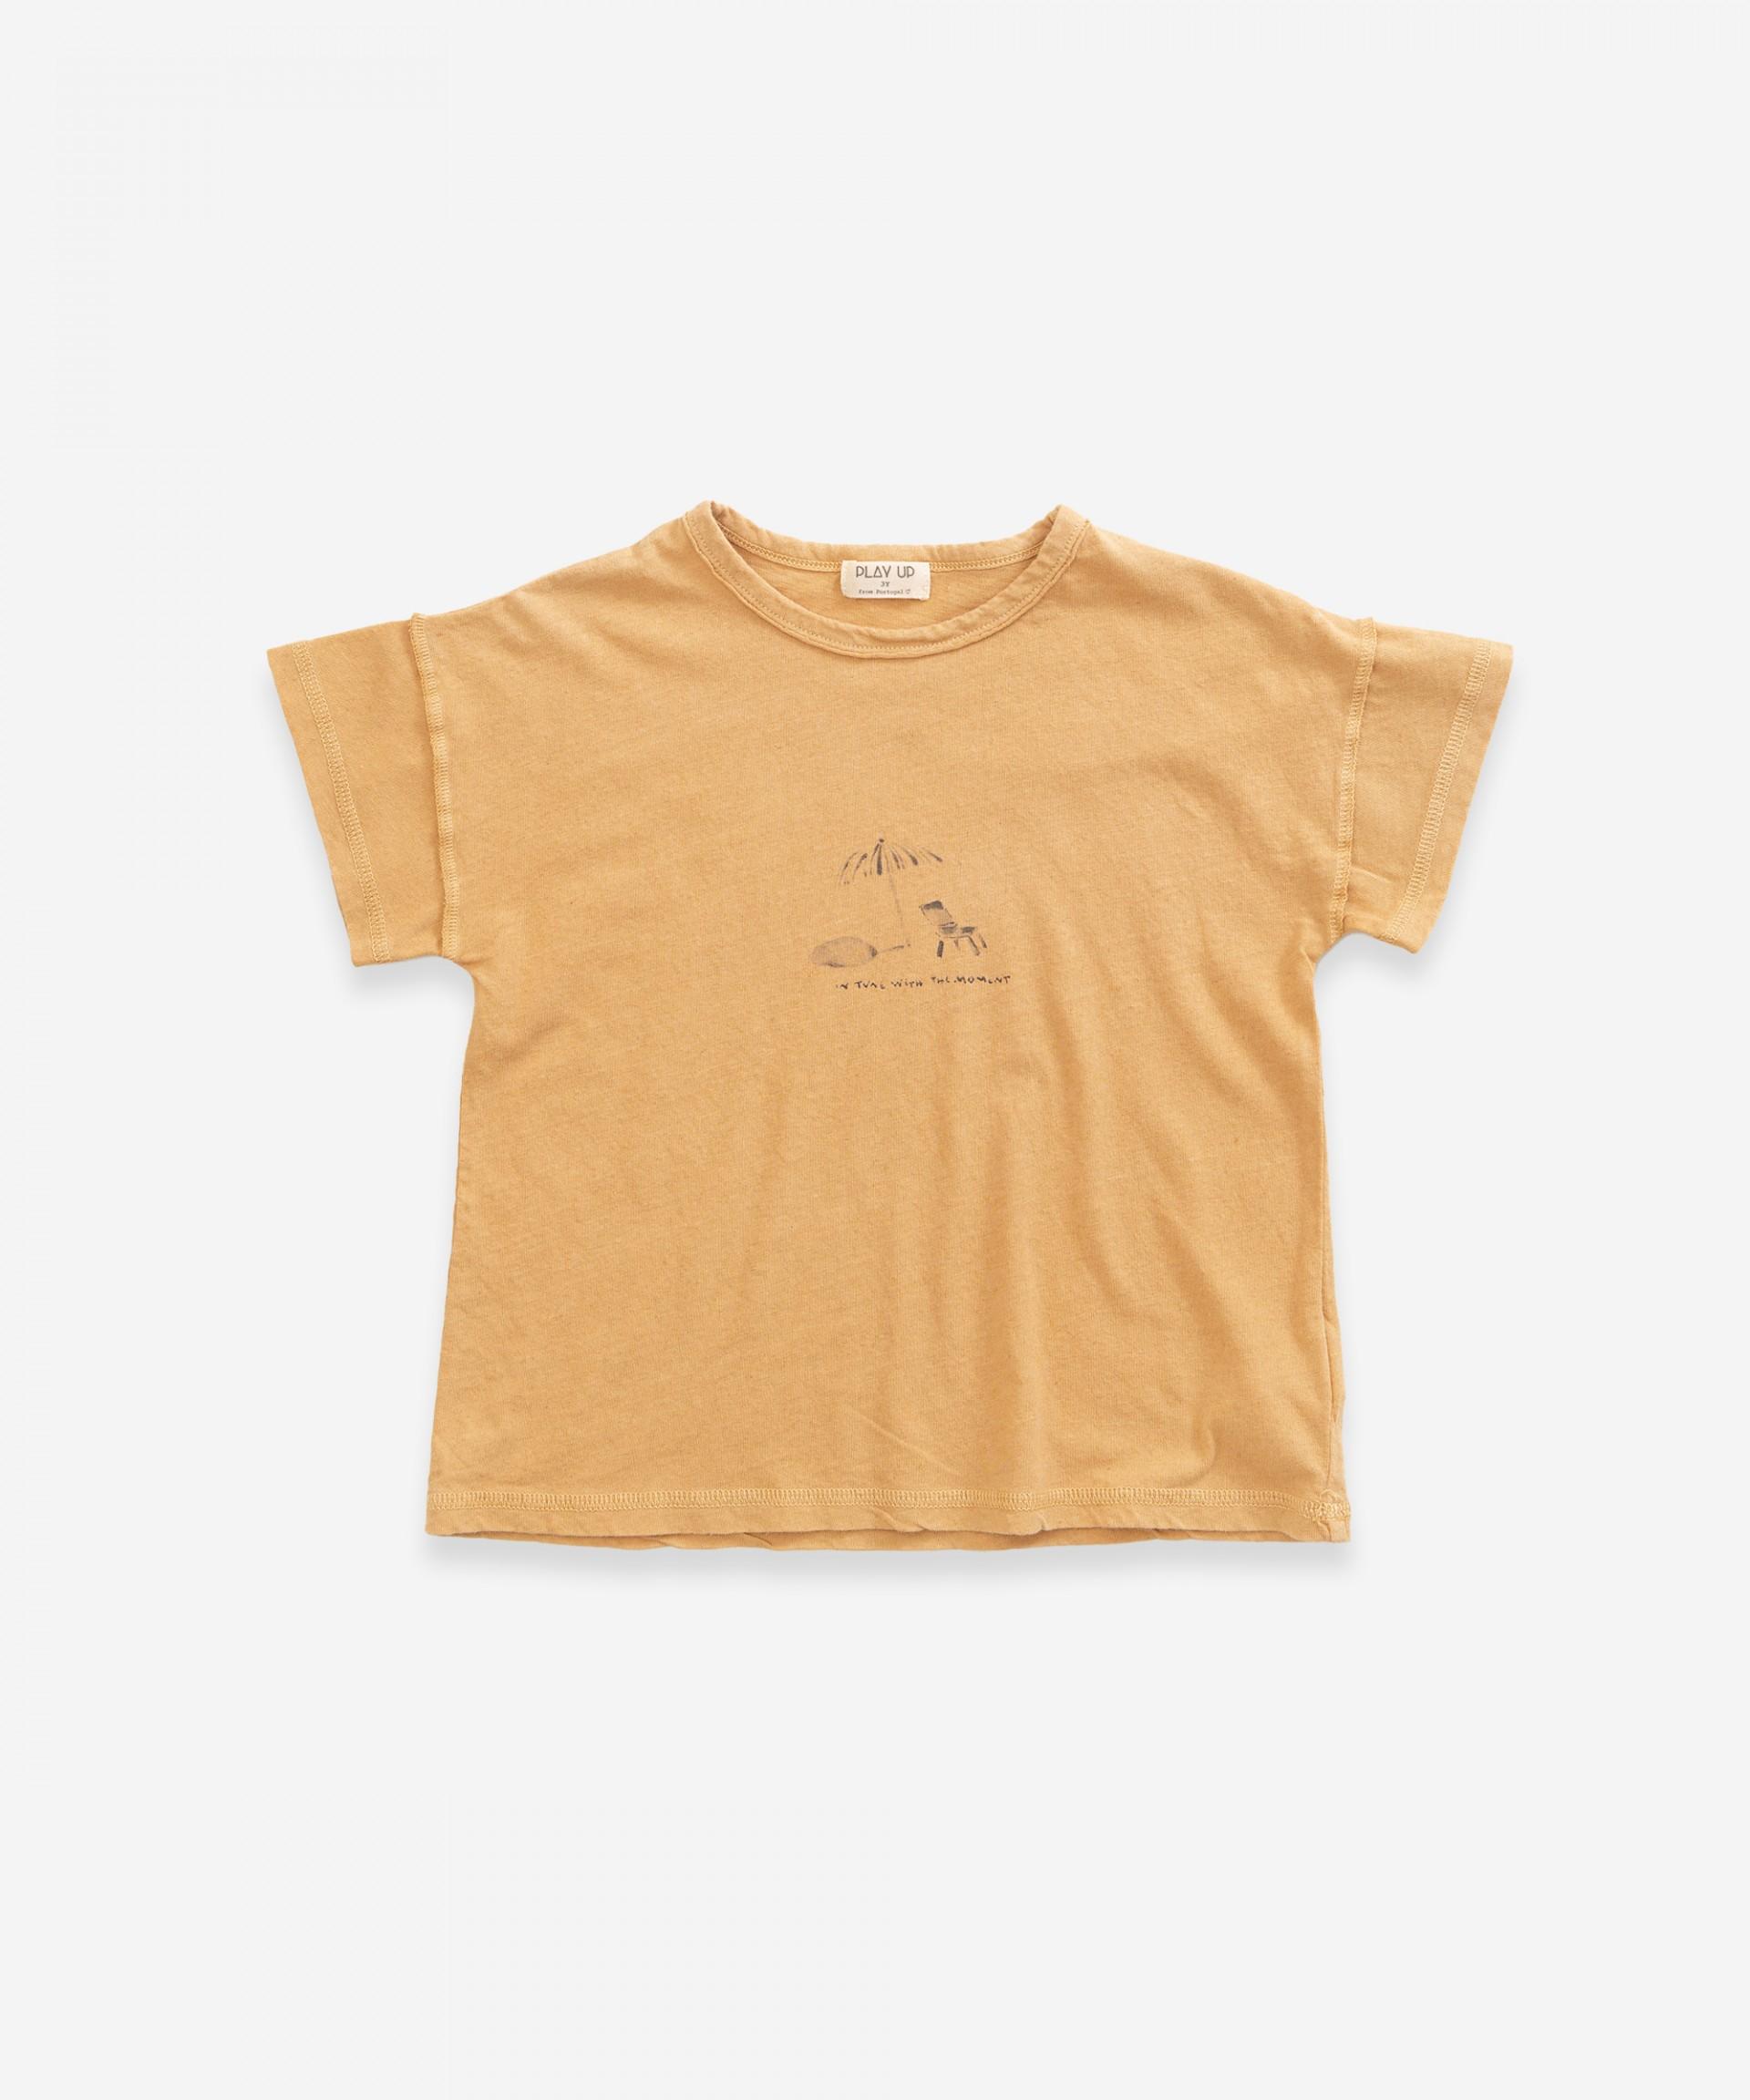 T-shirt com estampado | Weaving